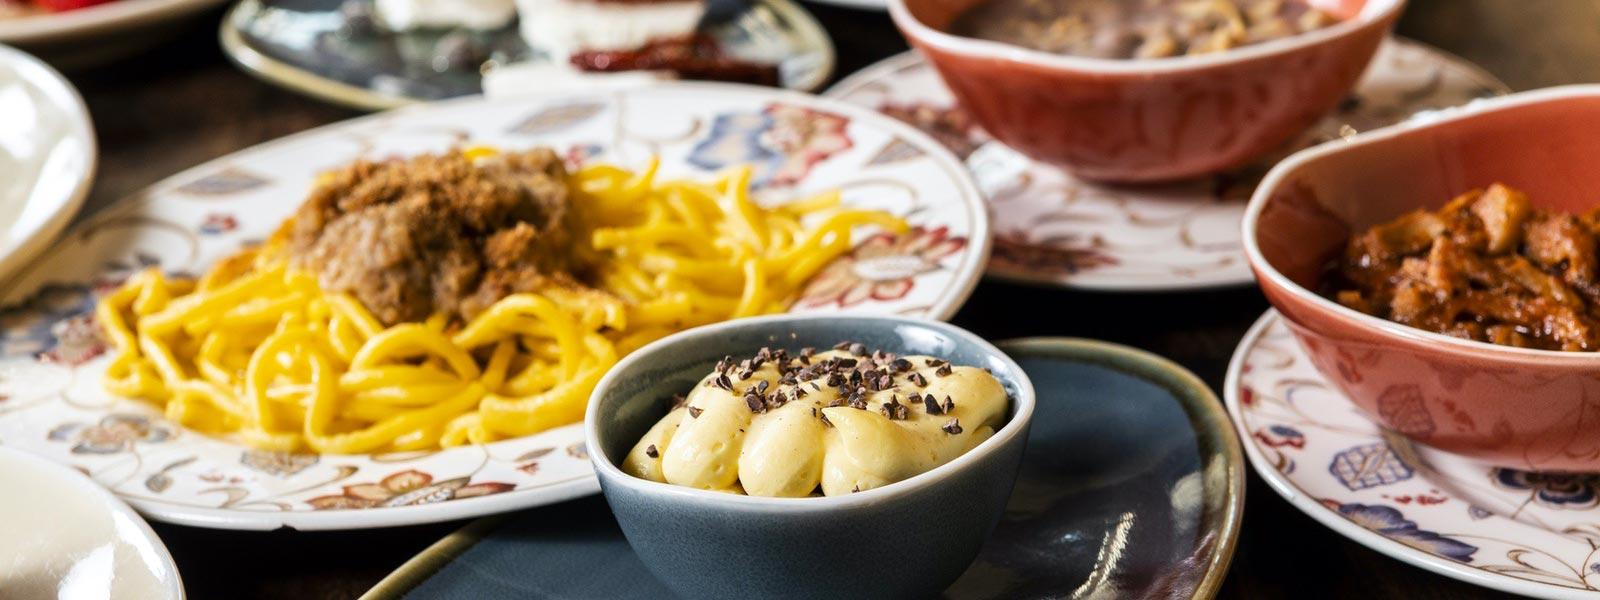 Osteria Madonnetta Marostica Vicenza - Cucina Tipica Veneta